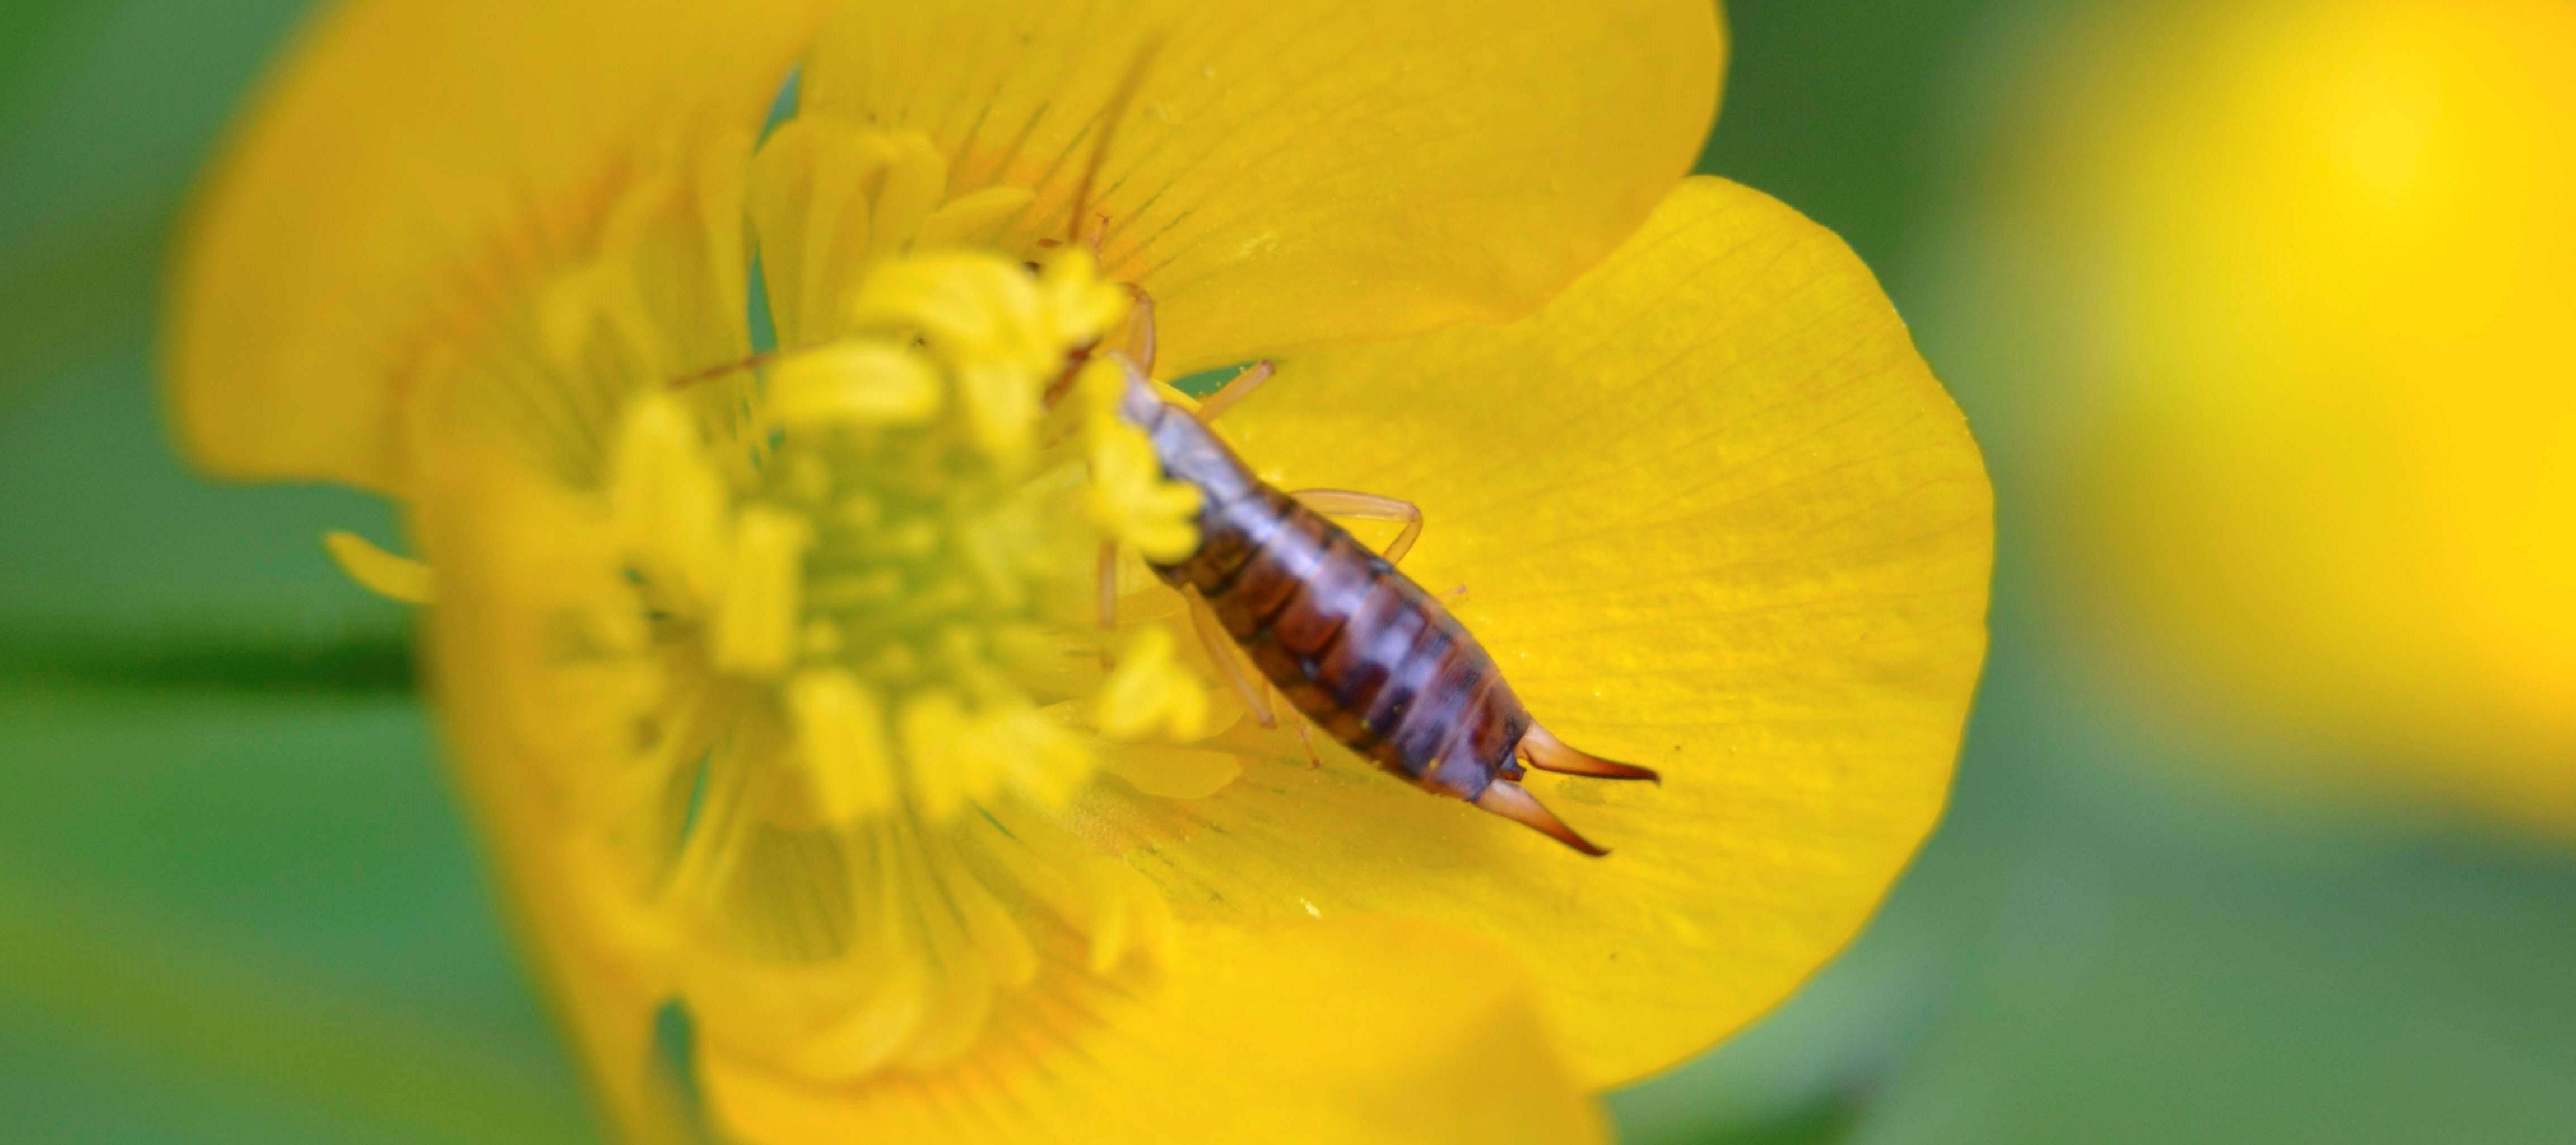 Etude : Identification insectes collectés en bordure de parcelles cultivées